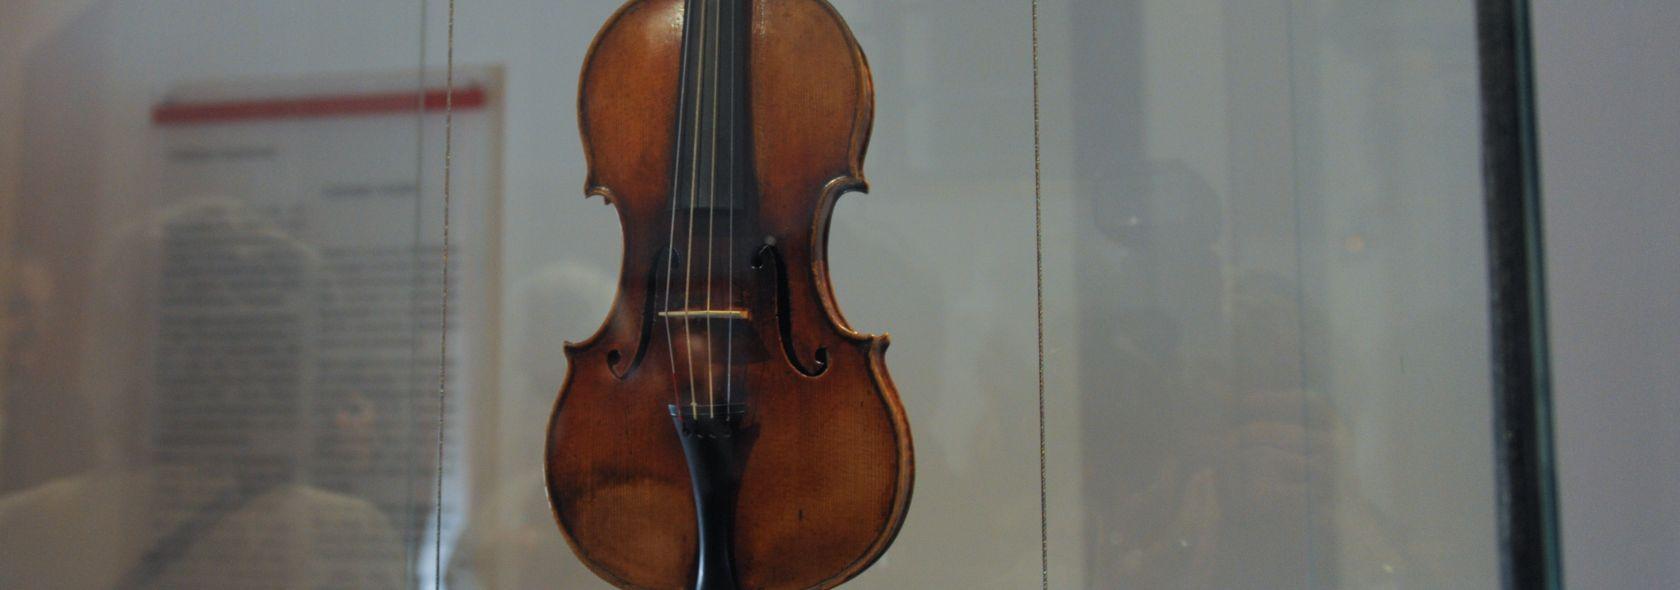 """Palazzo Tursi - Sala Paganini - Il violino detto """"Il Cannone"""" - © Studio Leoni"""